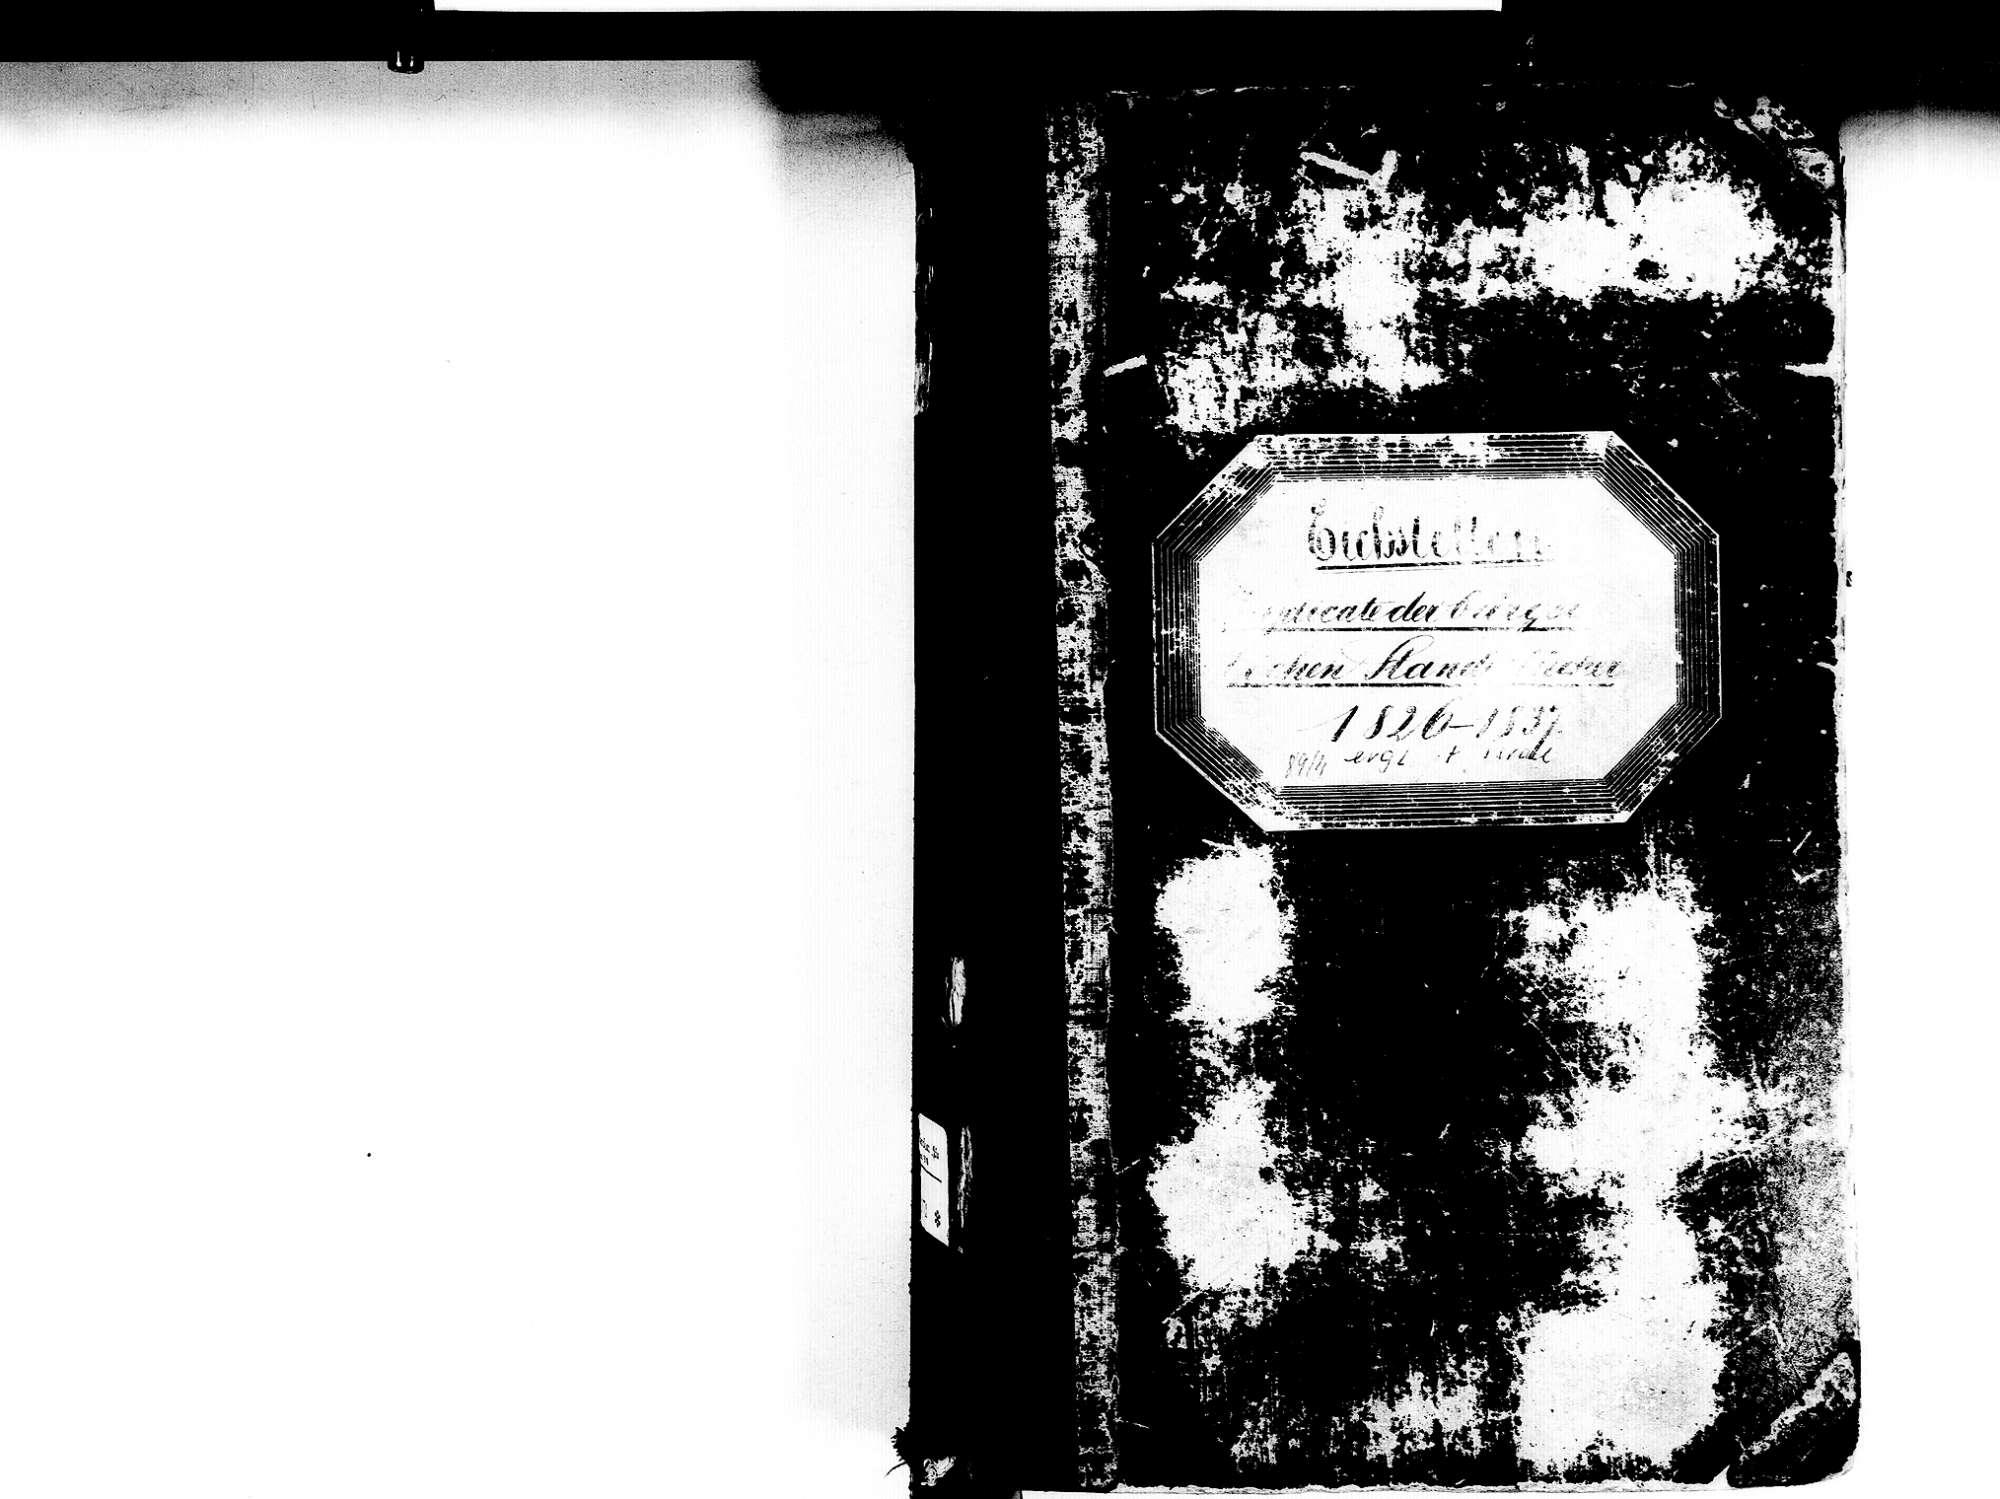 Eichstetten FR; Evangelische Gemeinde: Standesbuch 1826-1837 Eichstetten FR; Israelitische Gemeinde: Standesbuch 1826-1837, Bild 2